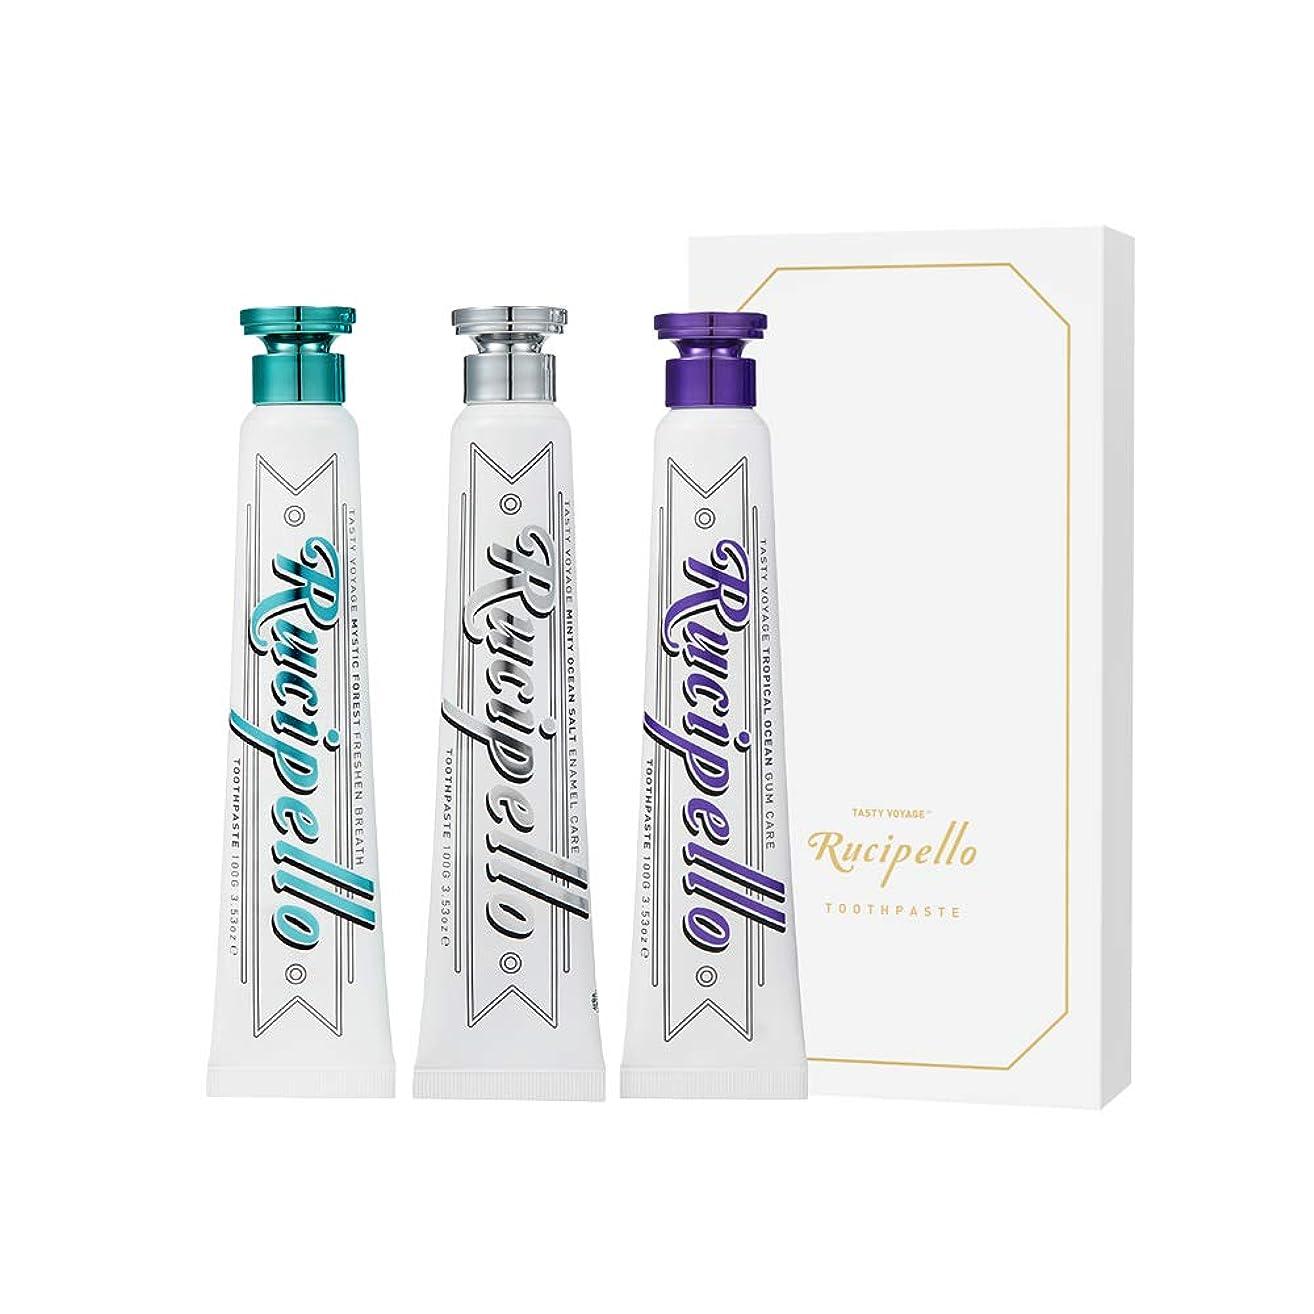 伝統傘に負ける[ルチペッロ] Rucipello 歯磨き粉3種のプレゼントセット 100g x 3 本 (海外直送品)